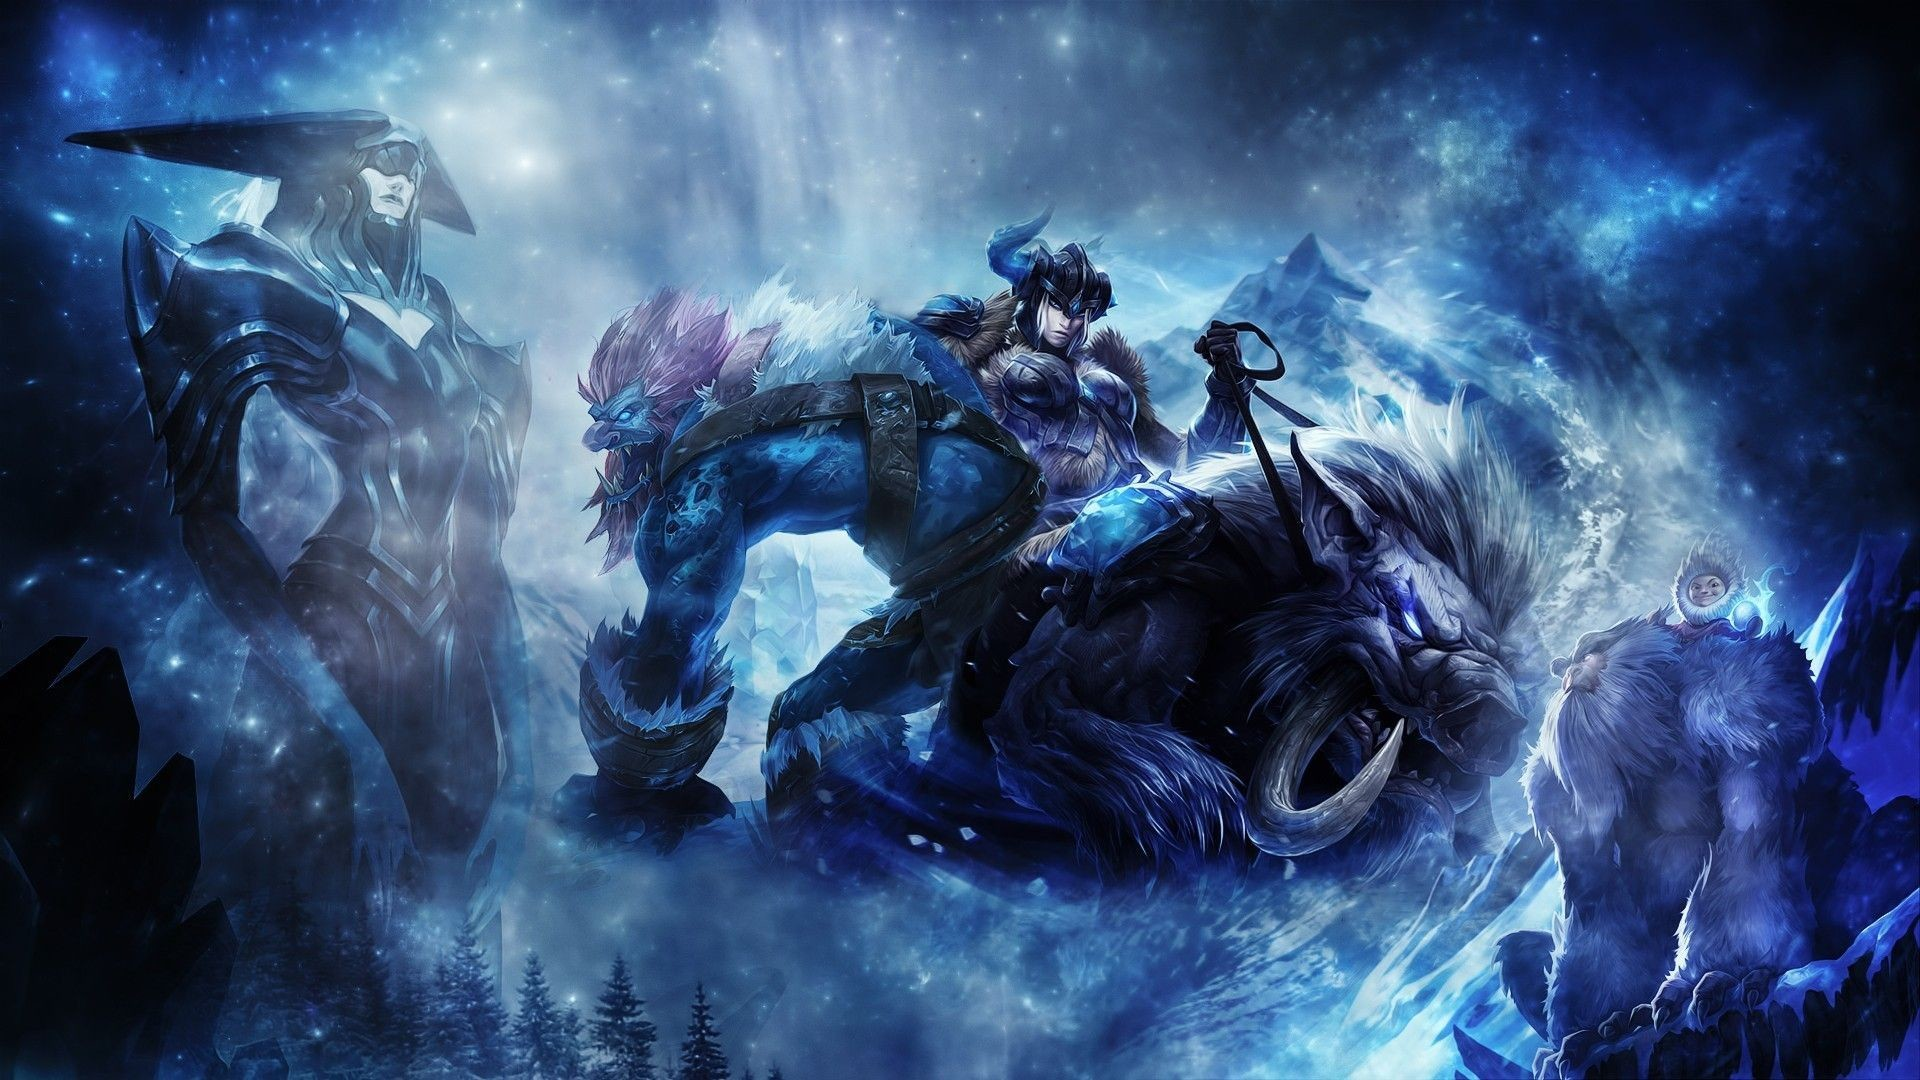 HDscreen: League of Legends artwork fantasy art video games winter .